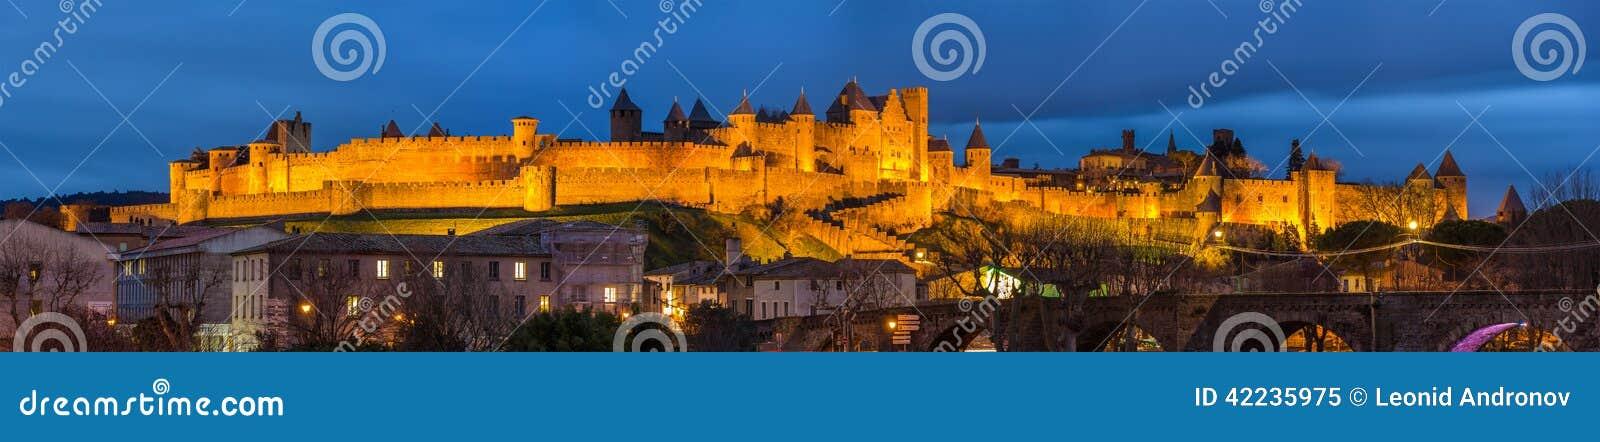 Panorama da noite da fortaleza de Carcassonne, França